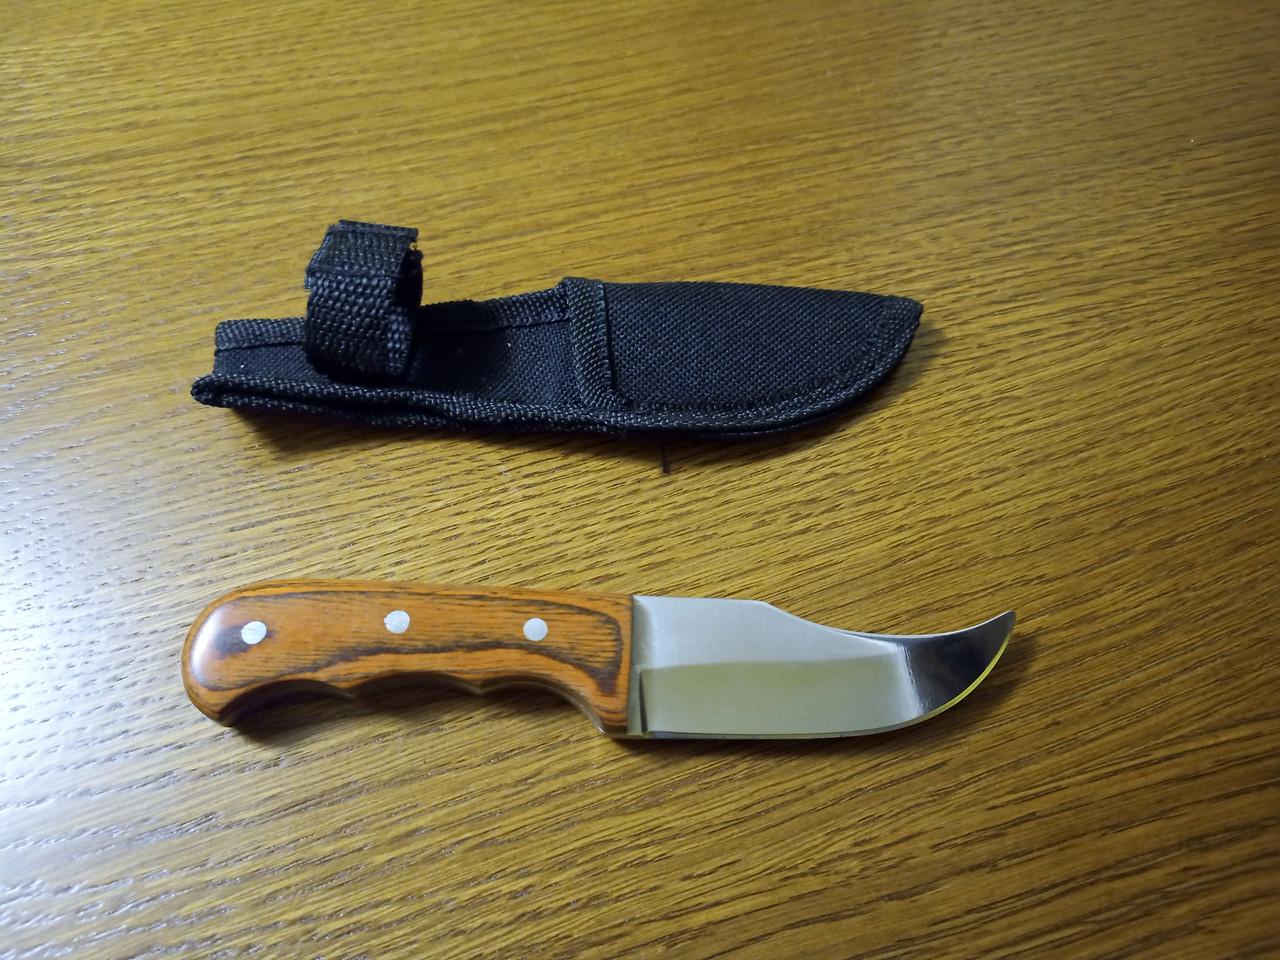 Стильный компактный нож K65 с чехлом и деревянной ручкой